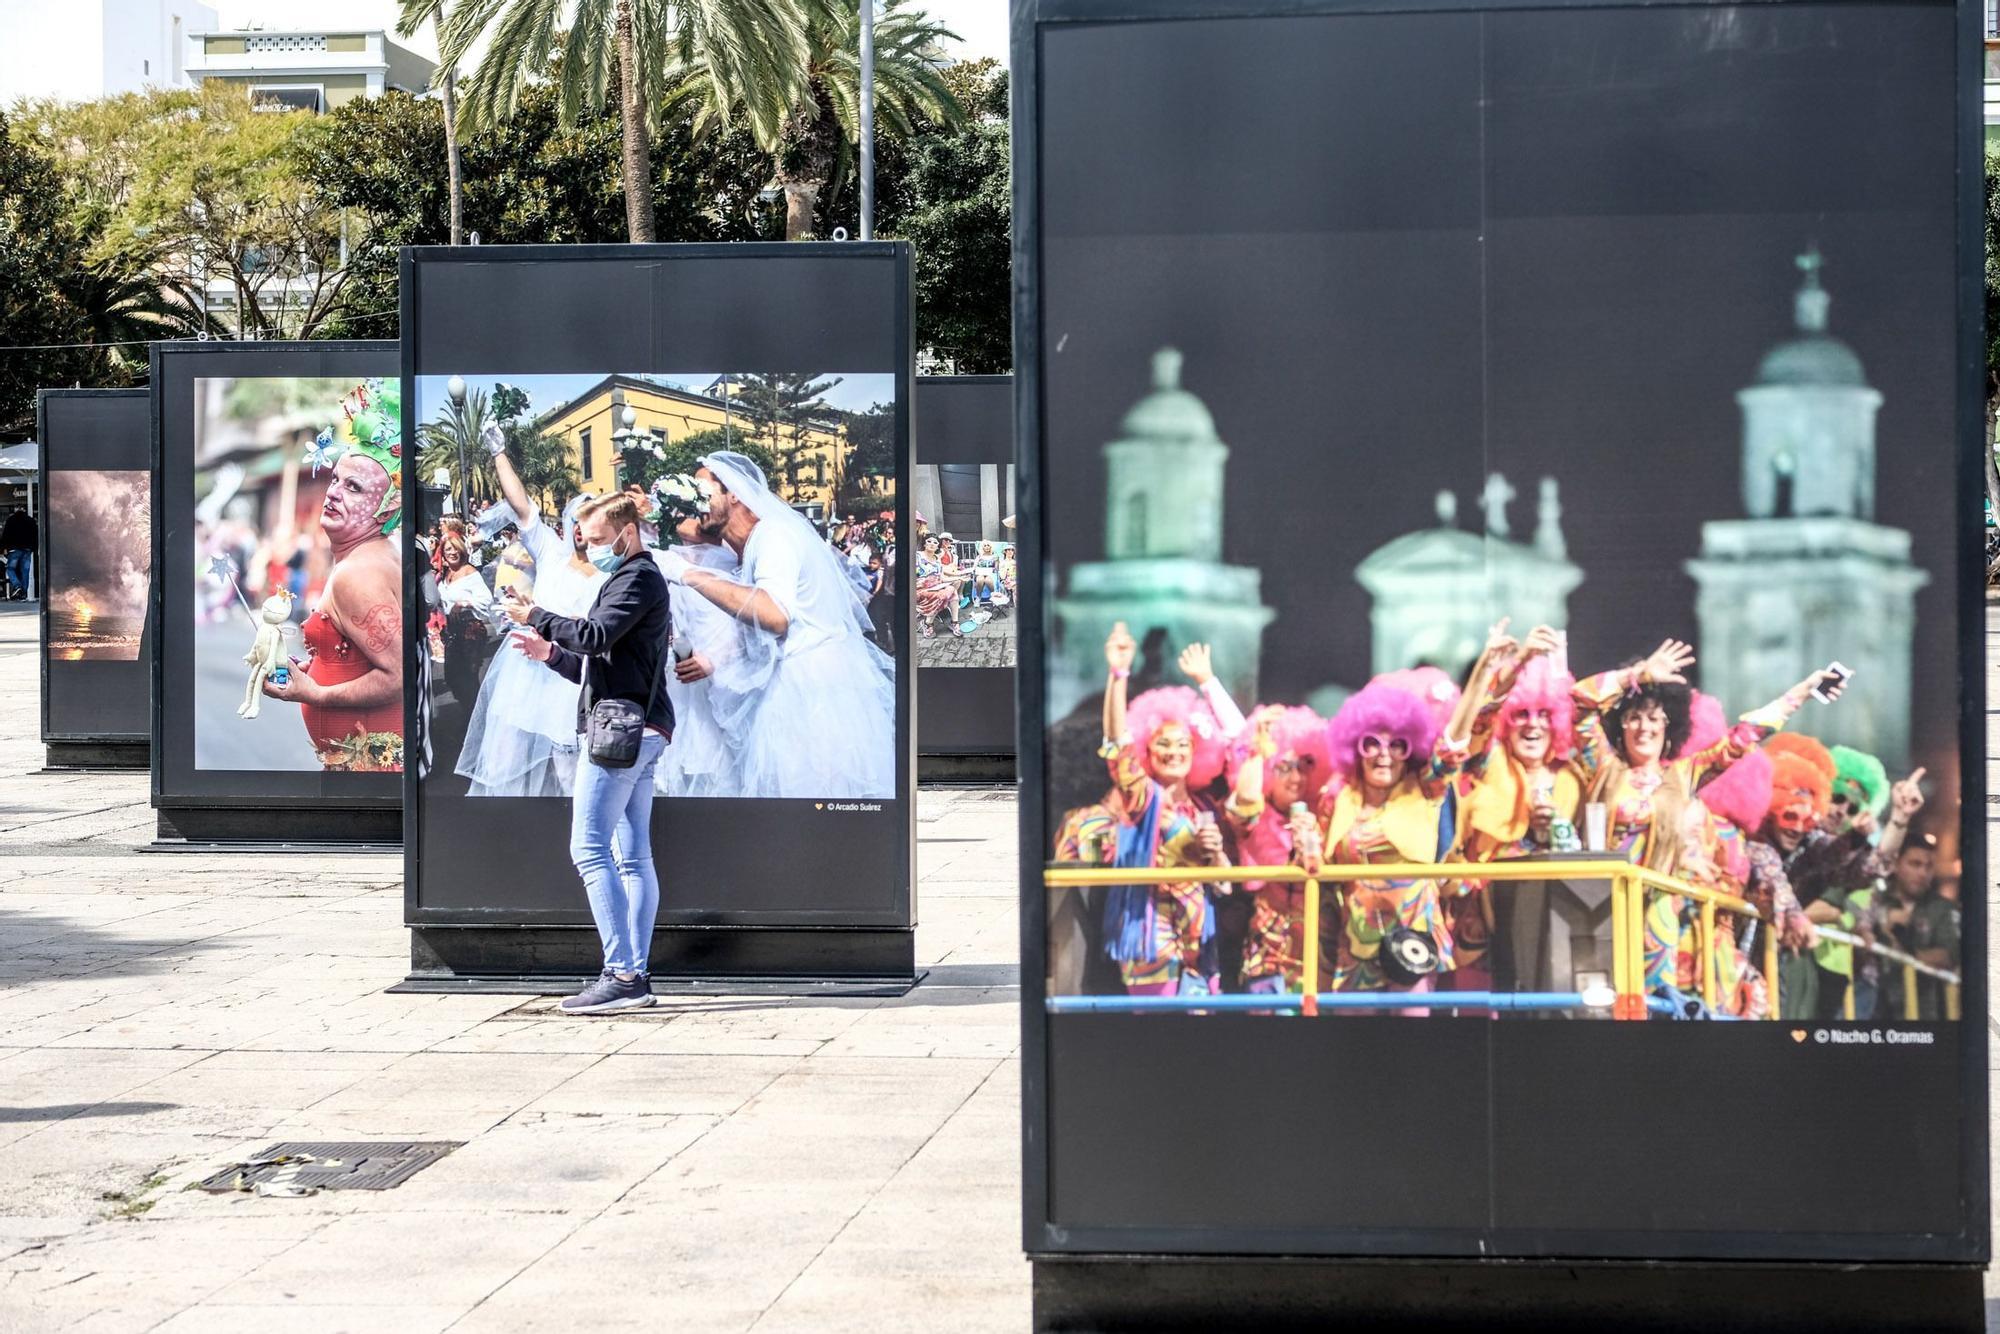 Exposición con fotos del Carnaval en el Parque Santa Catalina